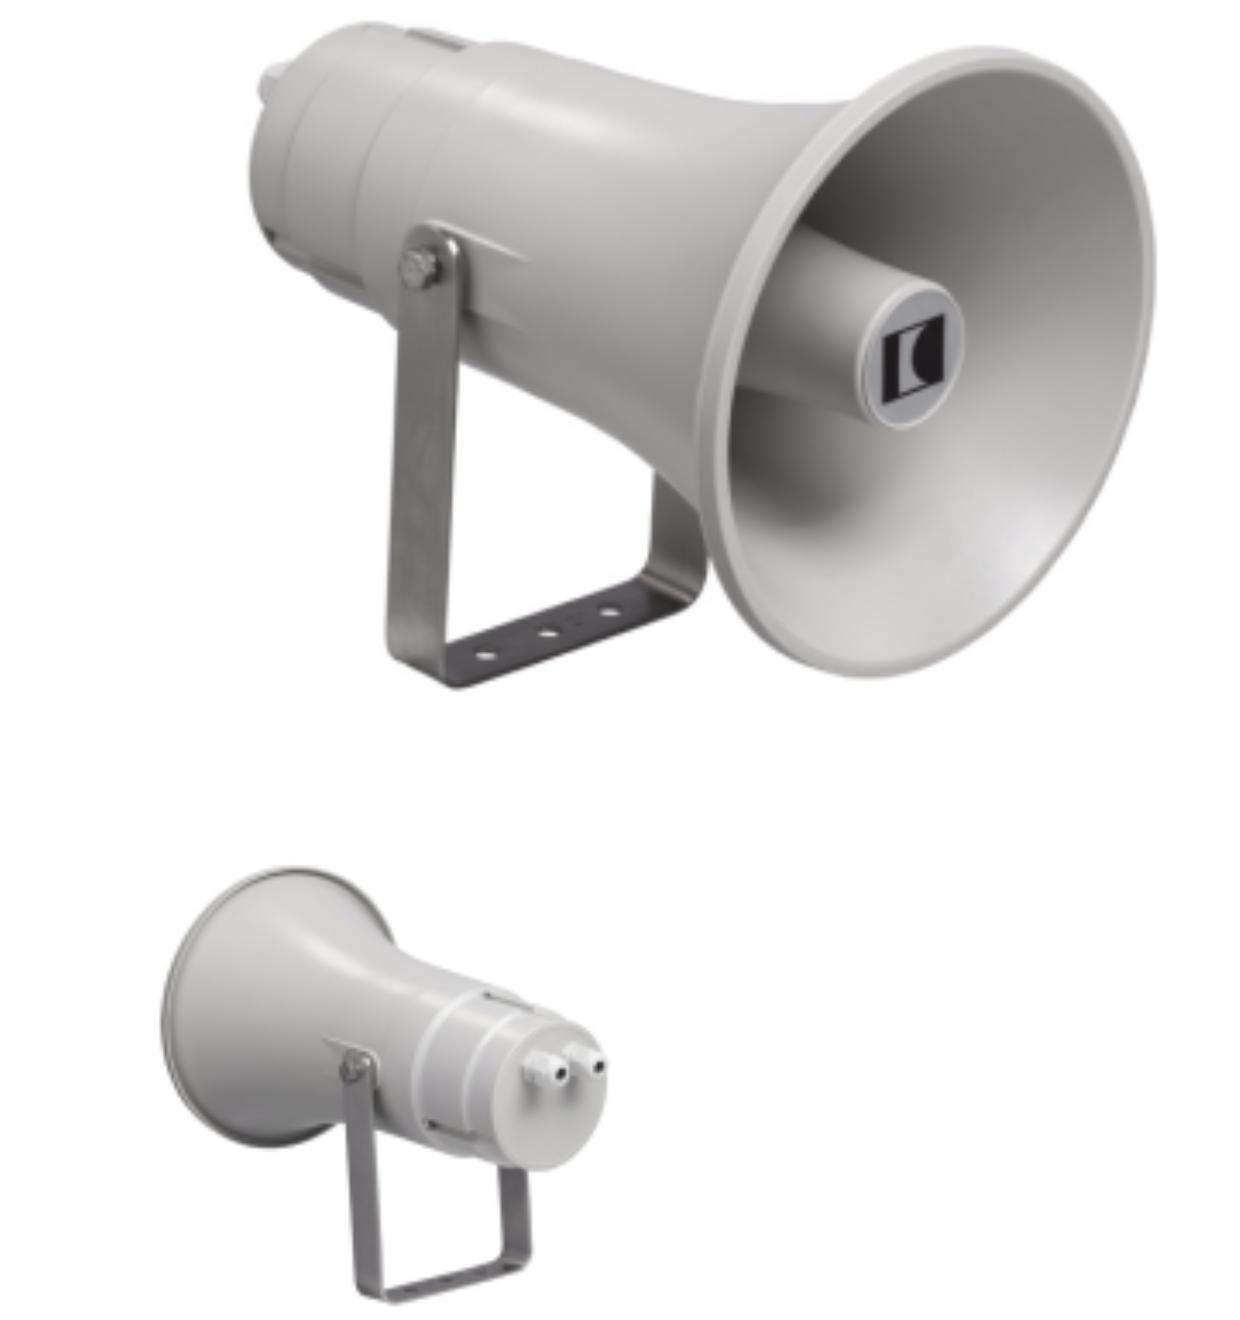 EN54-24 horn speaker DK 15/T-EN54